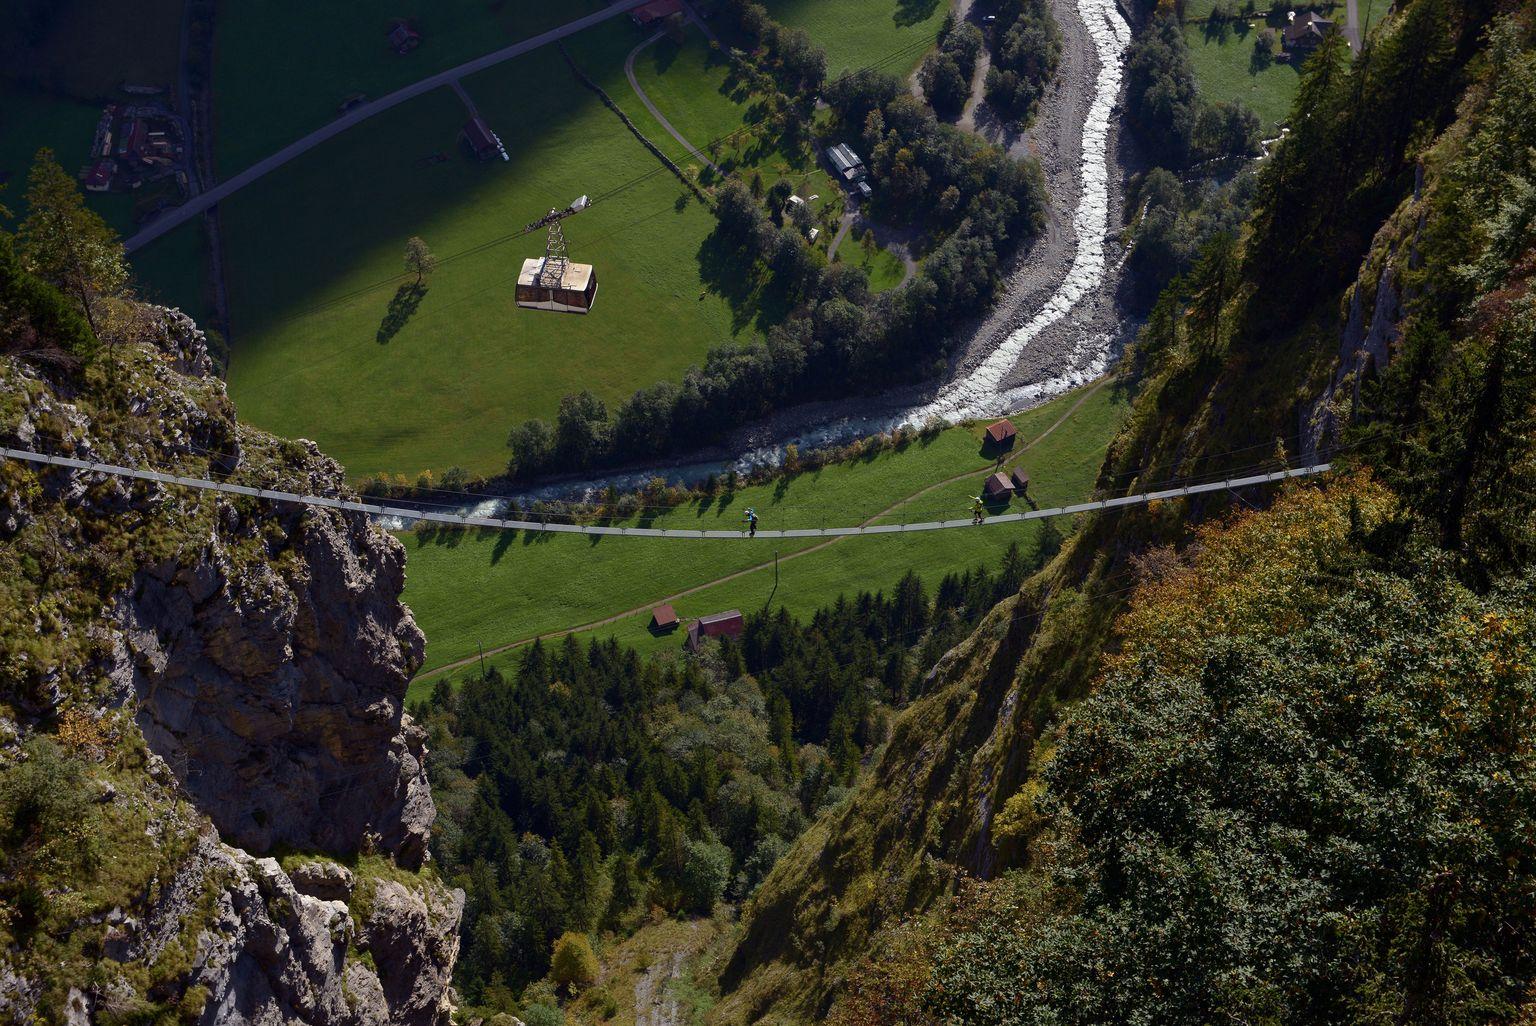 Klettersteig Grindelwald : Klettern grindelwald wengen mürren lauterbrunnen haslital